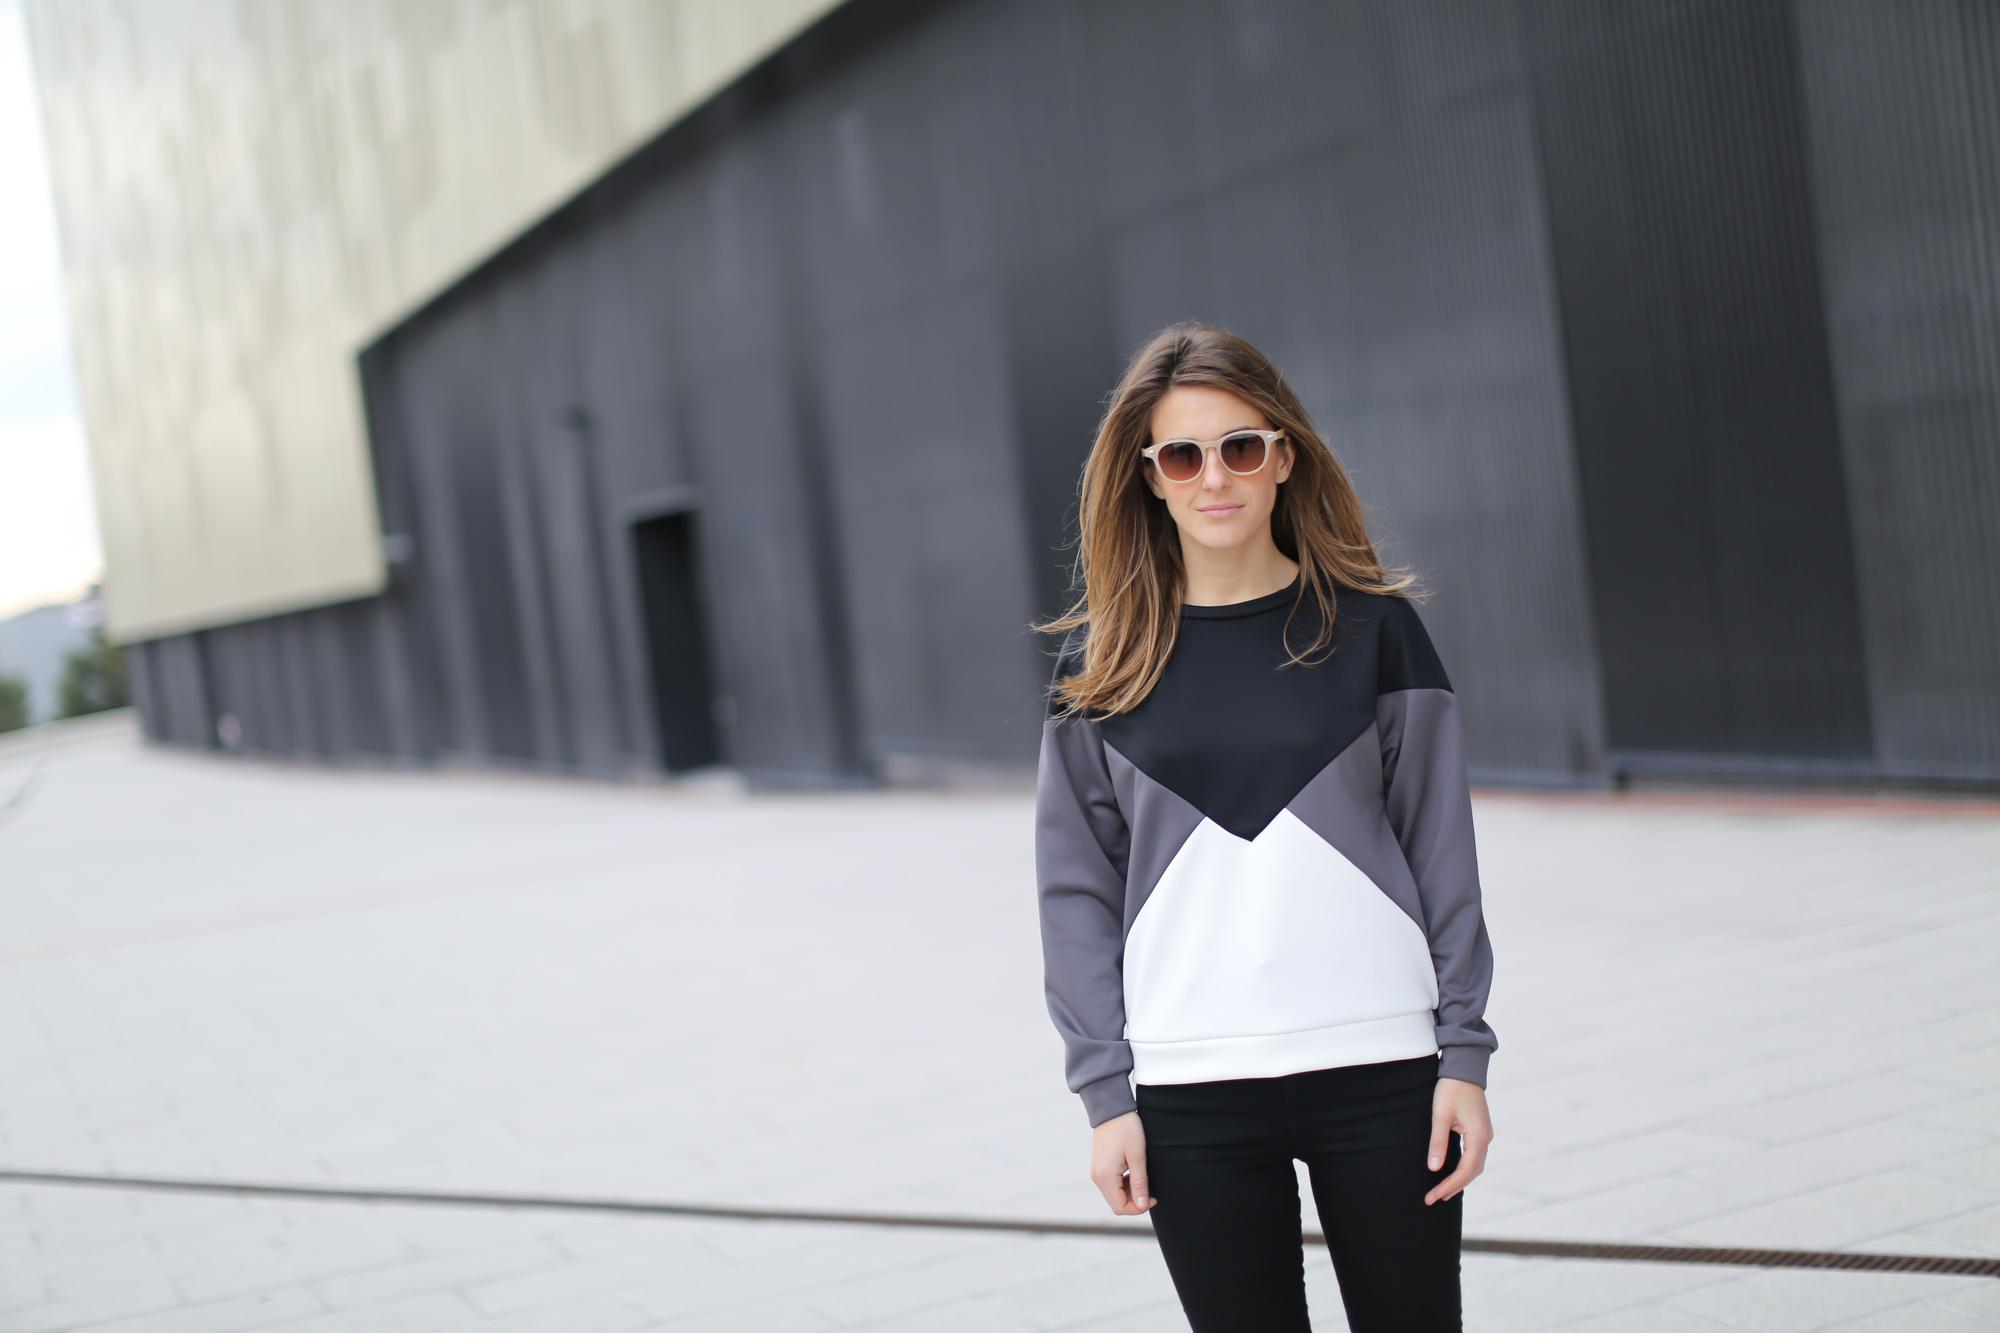 Clochet-streetstyle-suiteblanco-neoprene-sweatshirt-lykke-li-loafers-4